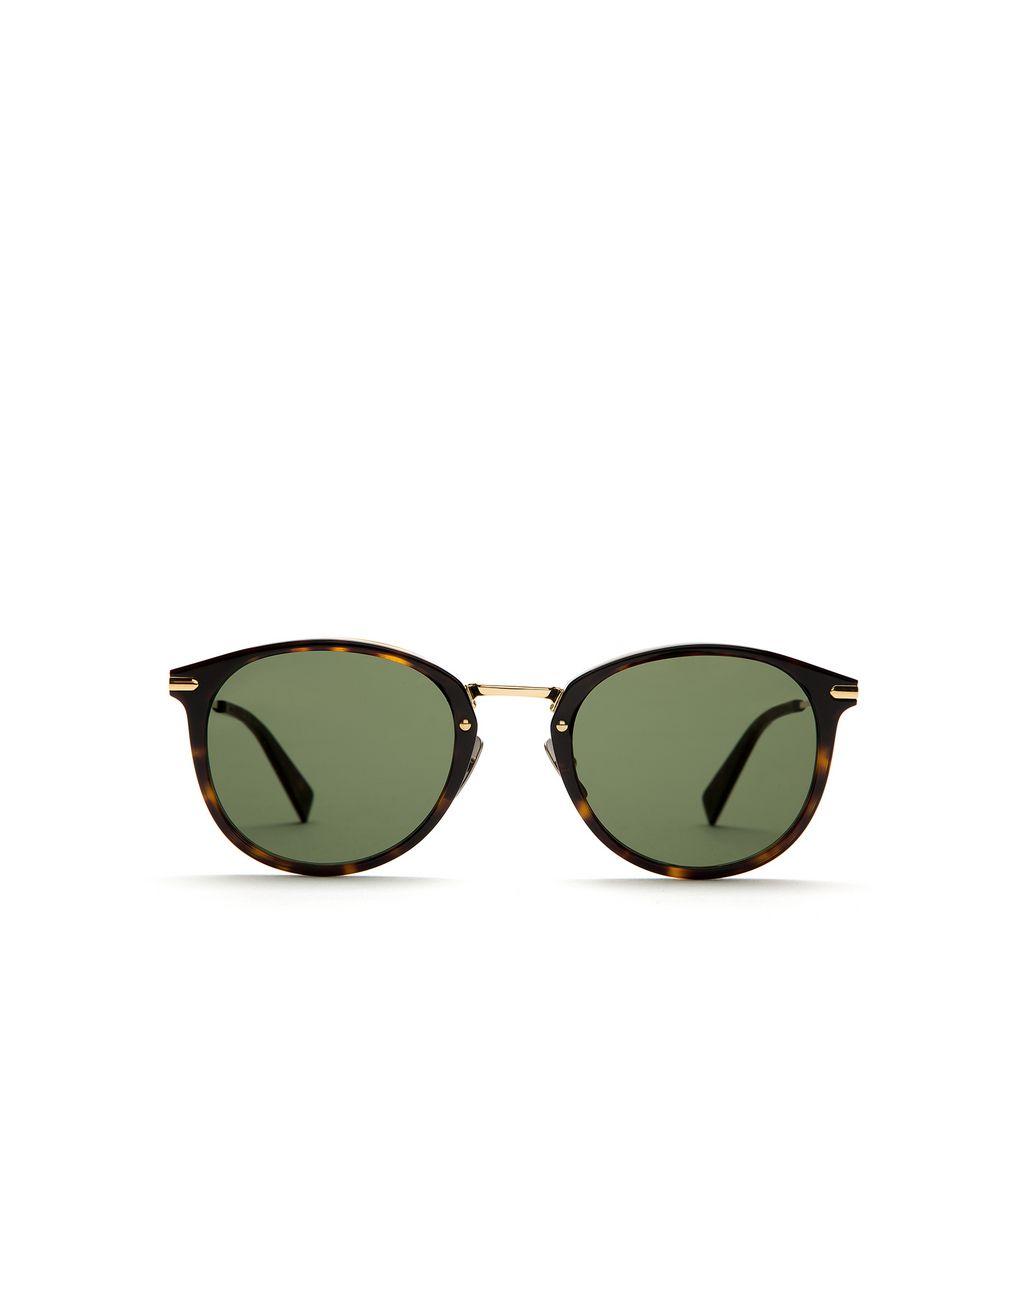 """BRIONI Солнцезащитные очки в блестящей оправе цвета """"гавана"""" с зелеными линзами Солнцезащитные очки [*** pickupInStoreShippingNotGuaranteed_info ***] f"""